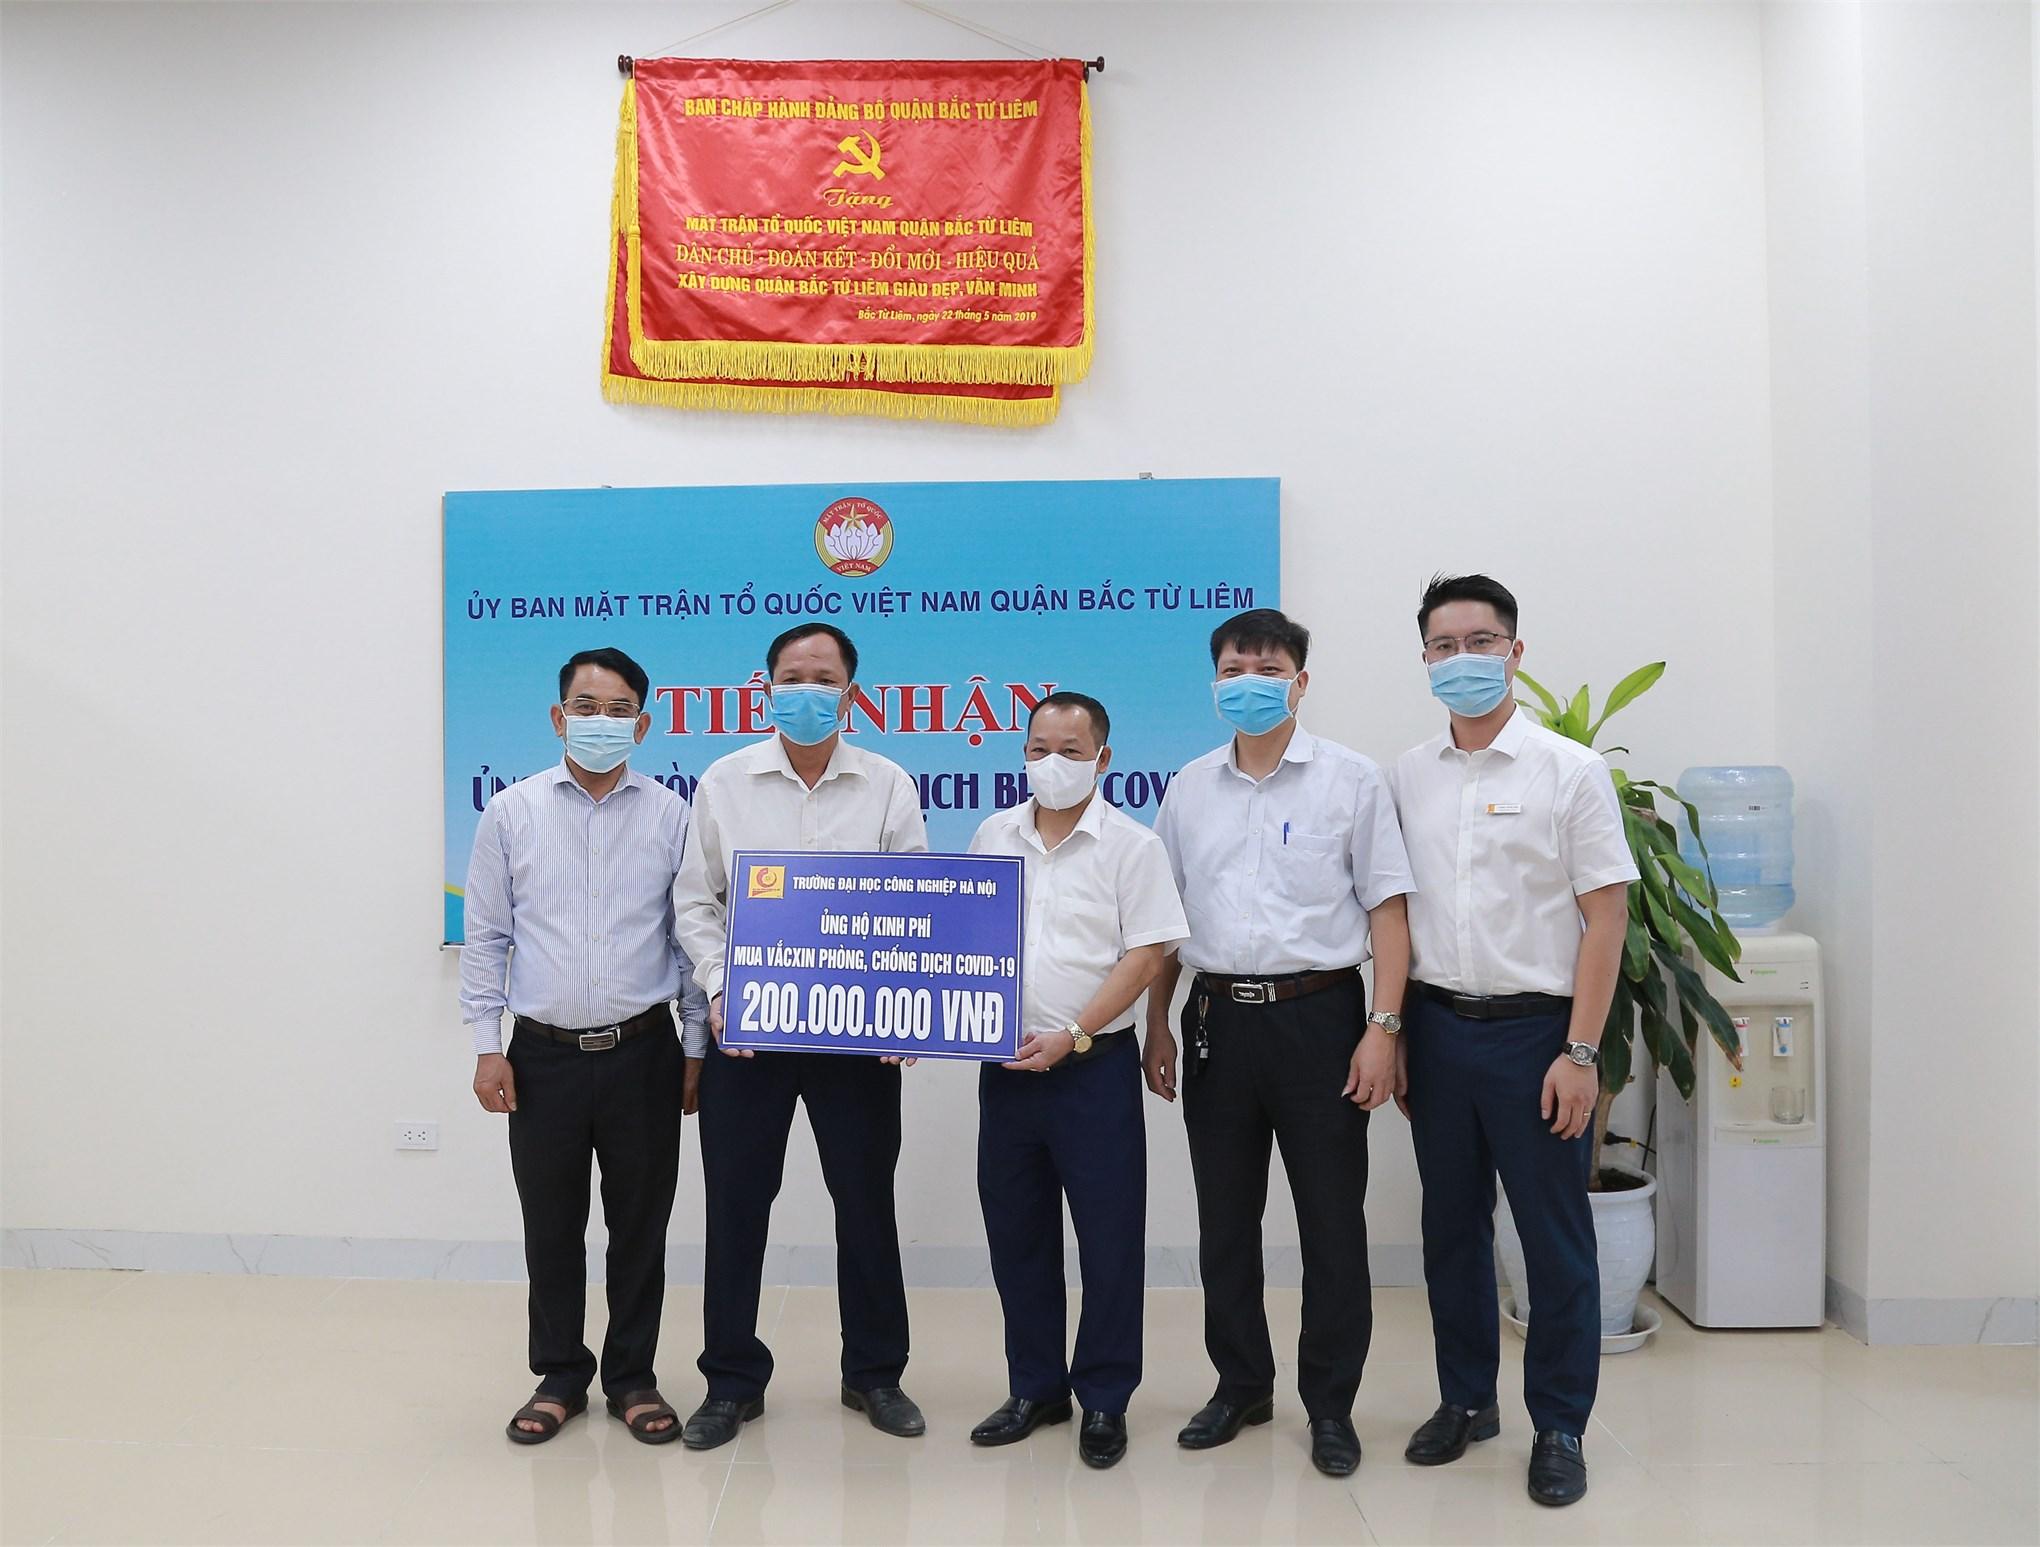 Đại học Công nghiệp Hà Nội đã tổ chức tiêm vắc-xin phòng COVID-19 cho hơn 1.000 viên chức, người lao động và sinh viên